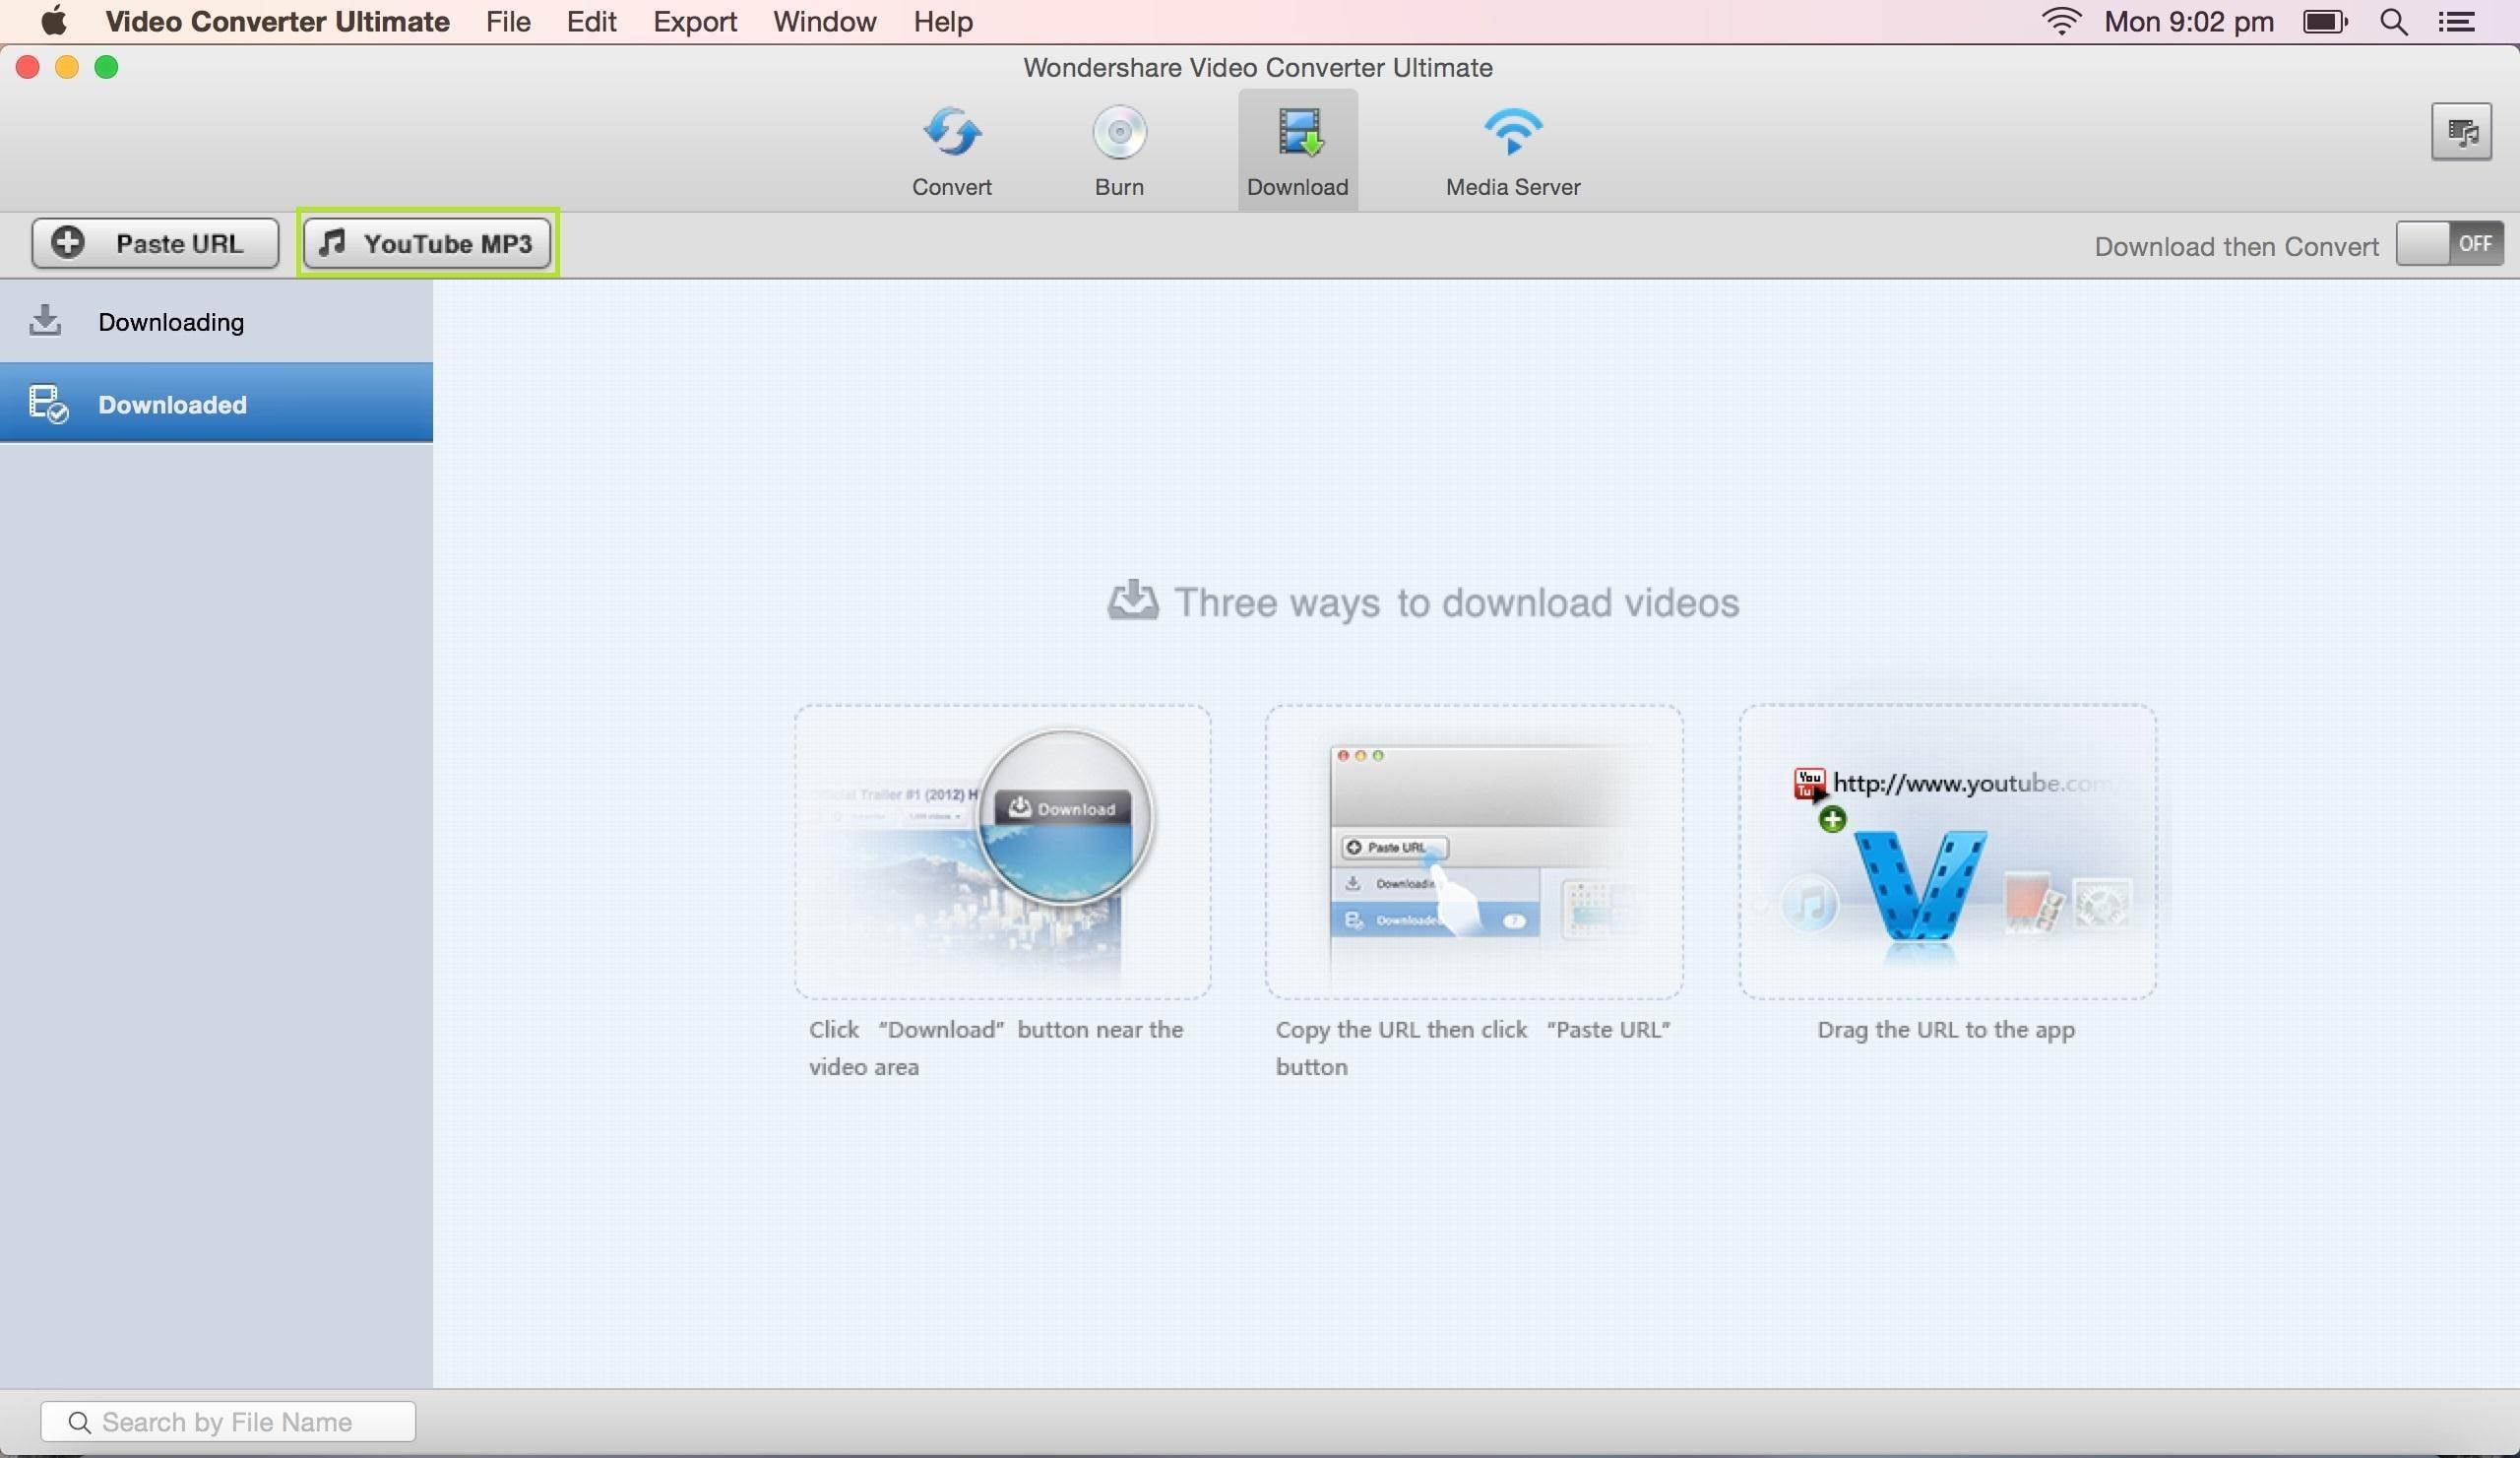 คู่มือผู้ใช้ Wondershare Video Converter Ultimate for Mac